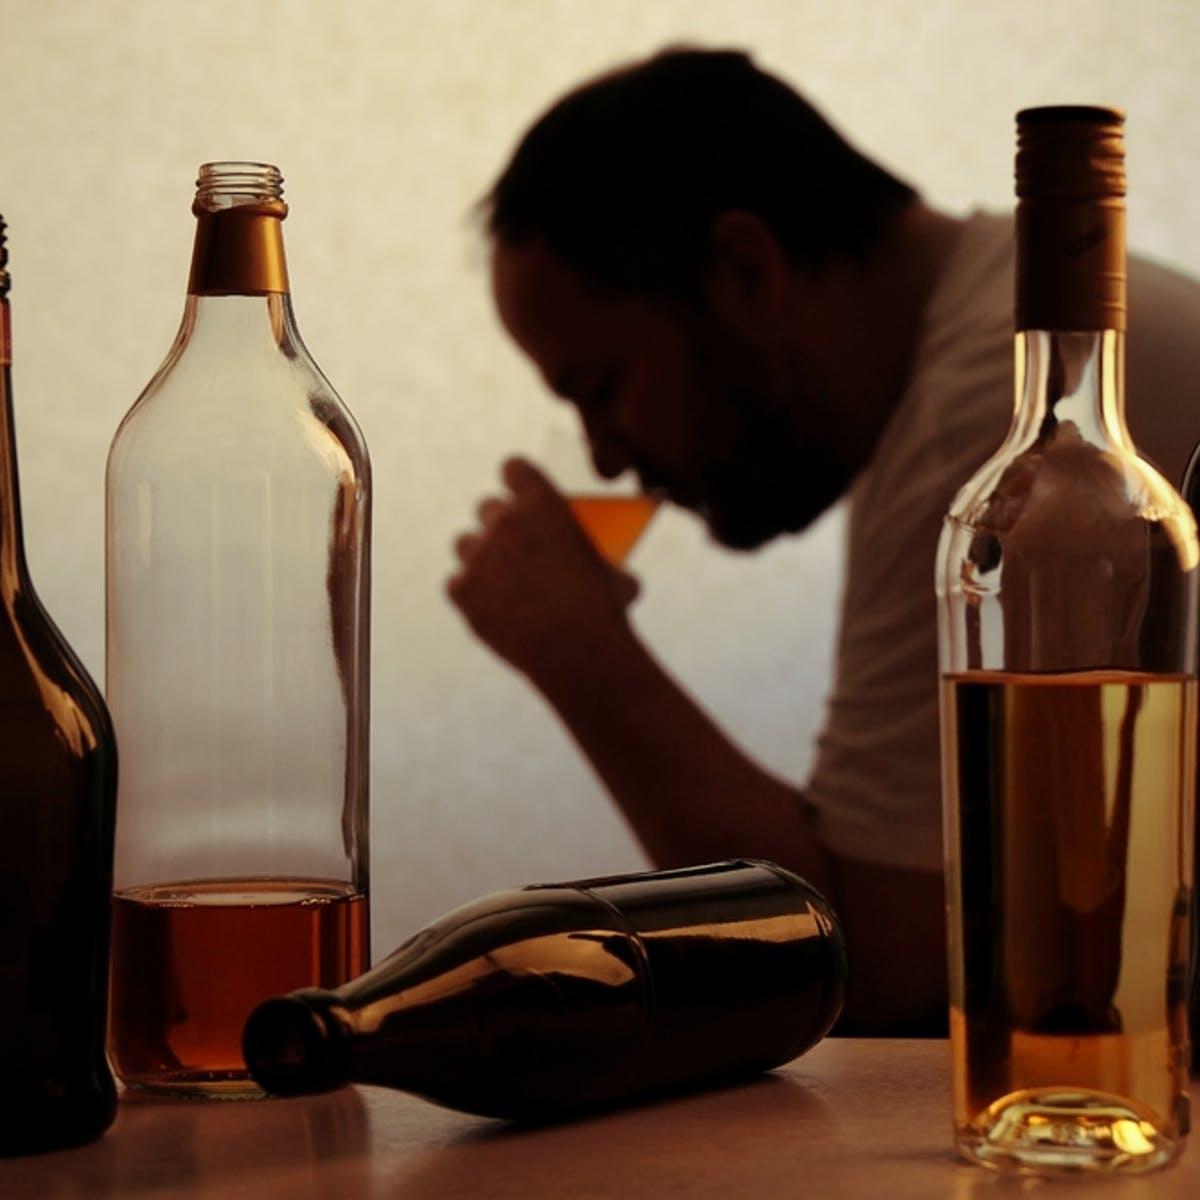 کمتر الکل مصرف کنید درمان خانگی و طبیعی فشار خون بالا